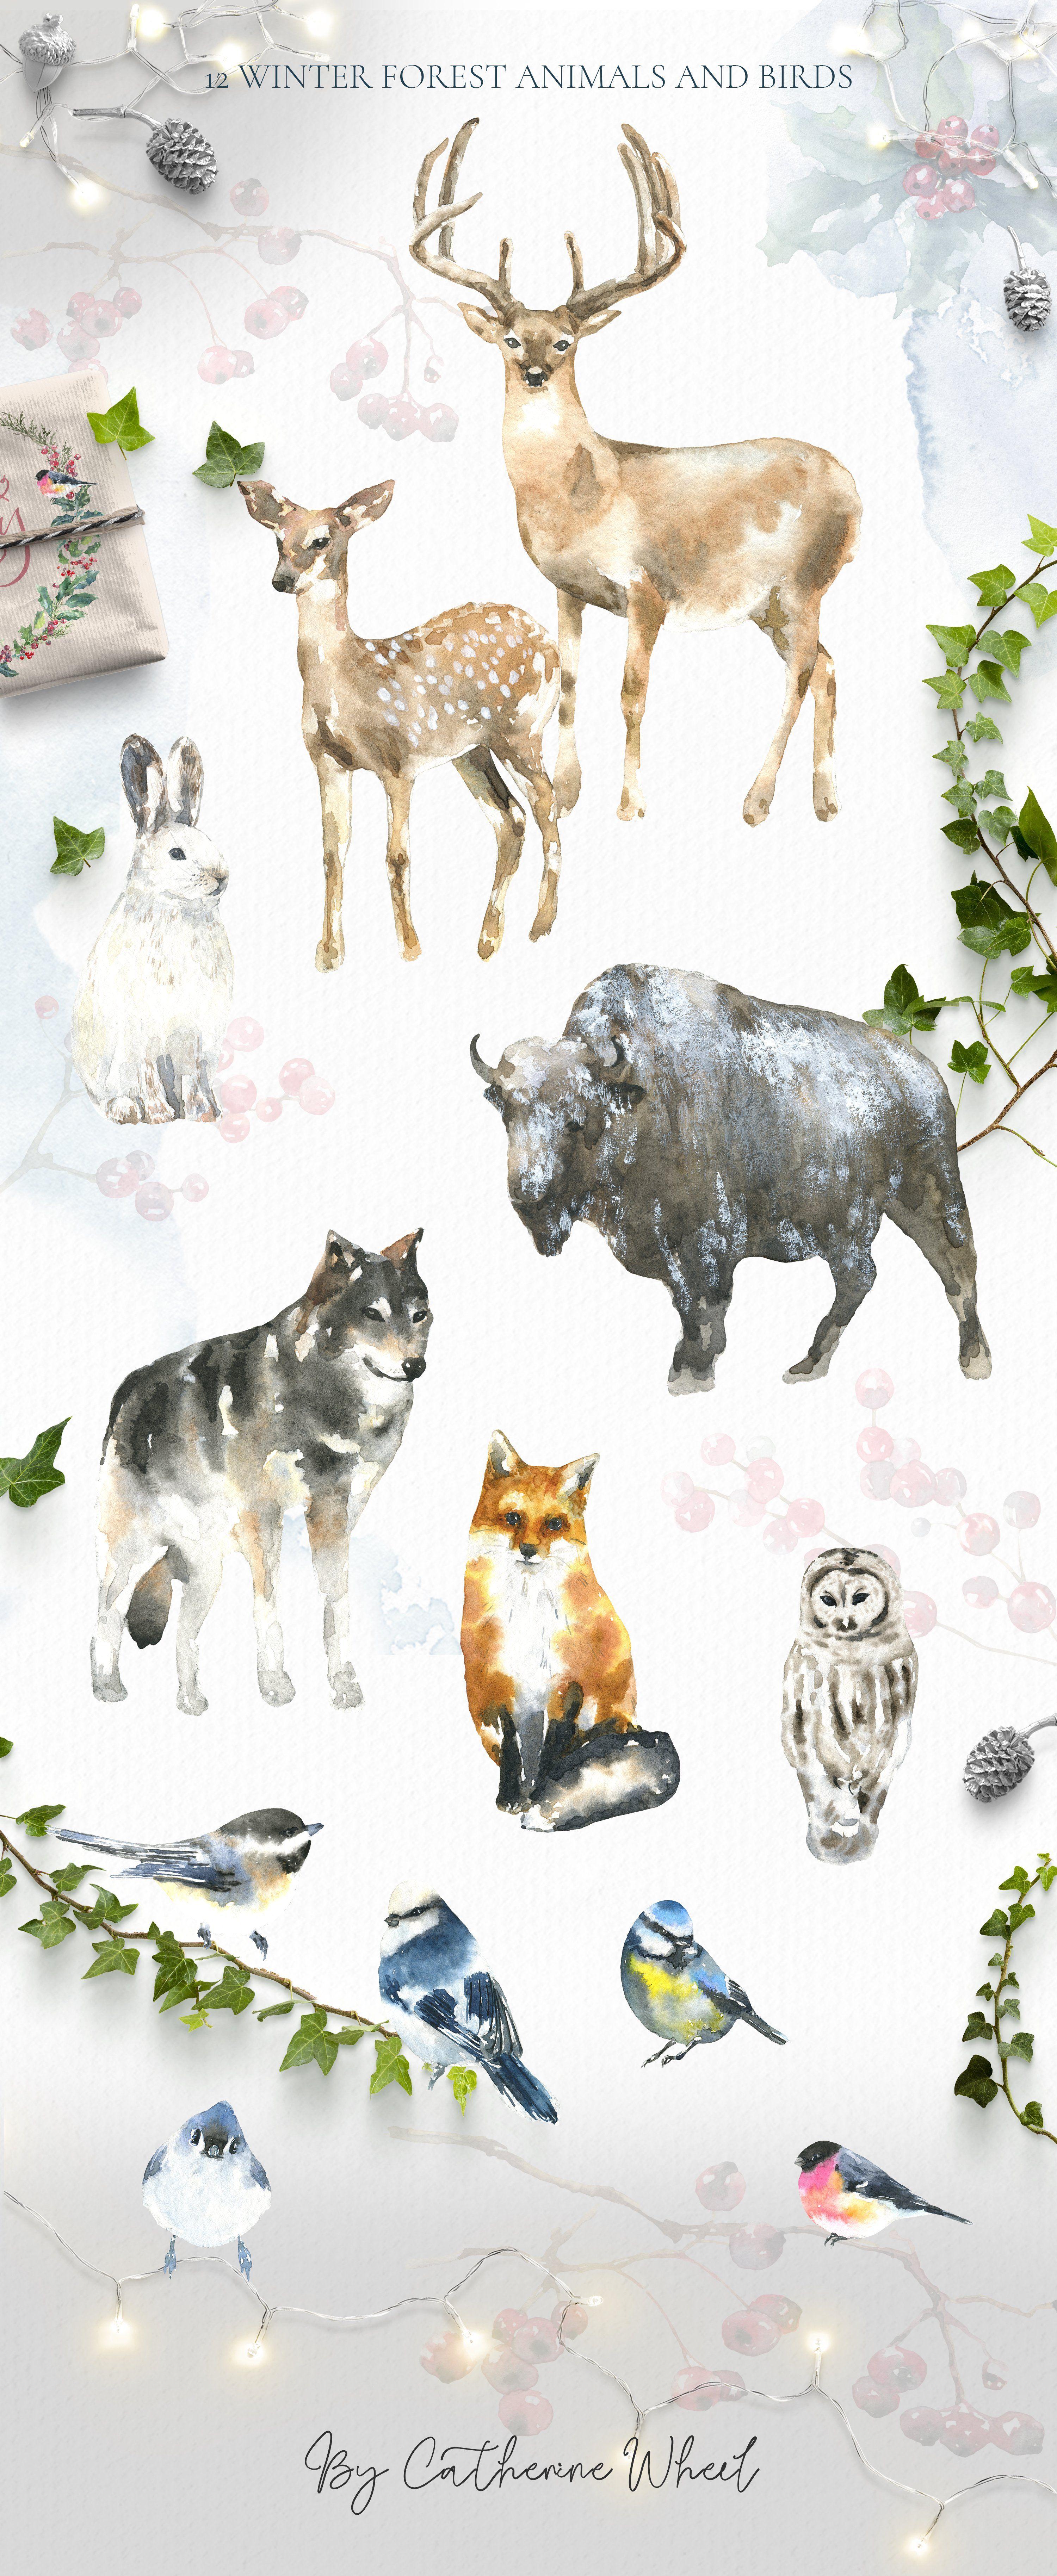 Merry Christmas Watercolor Deer by Catherine Wheel on